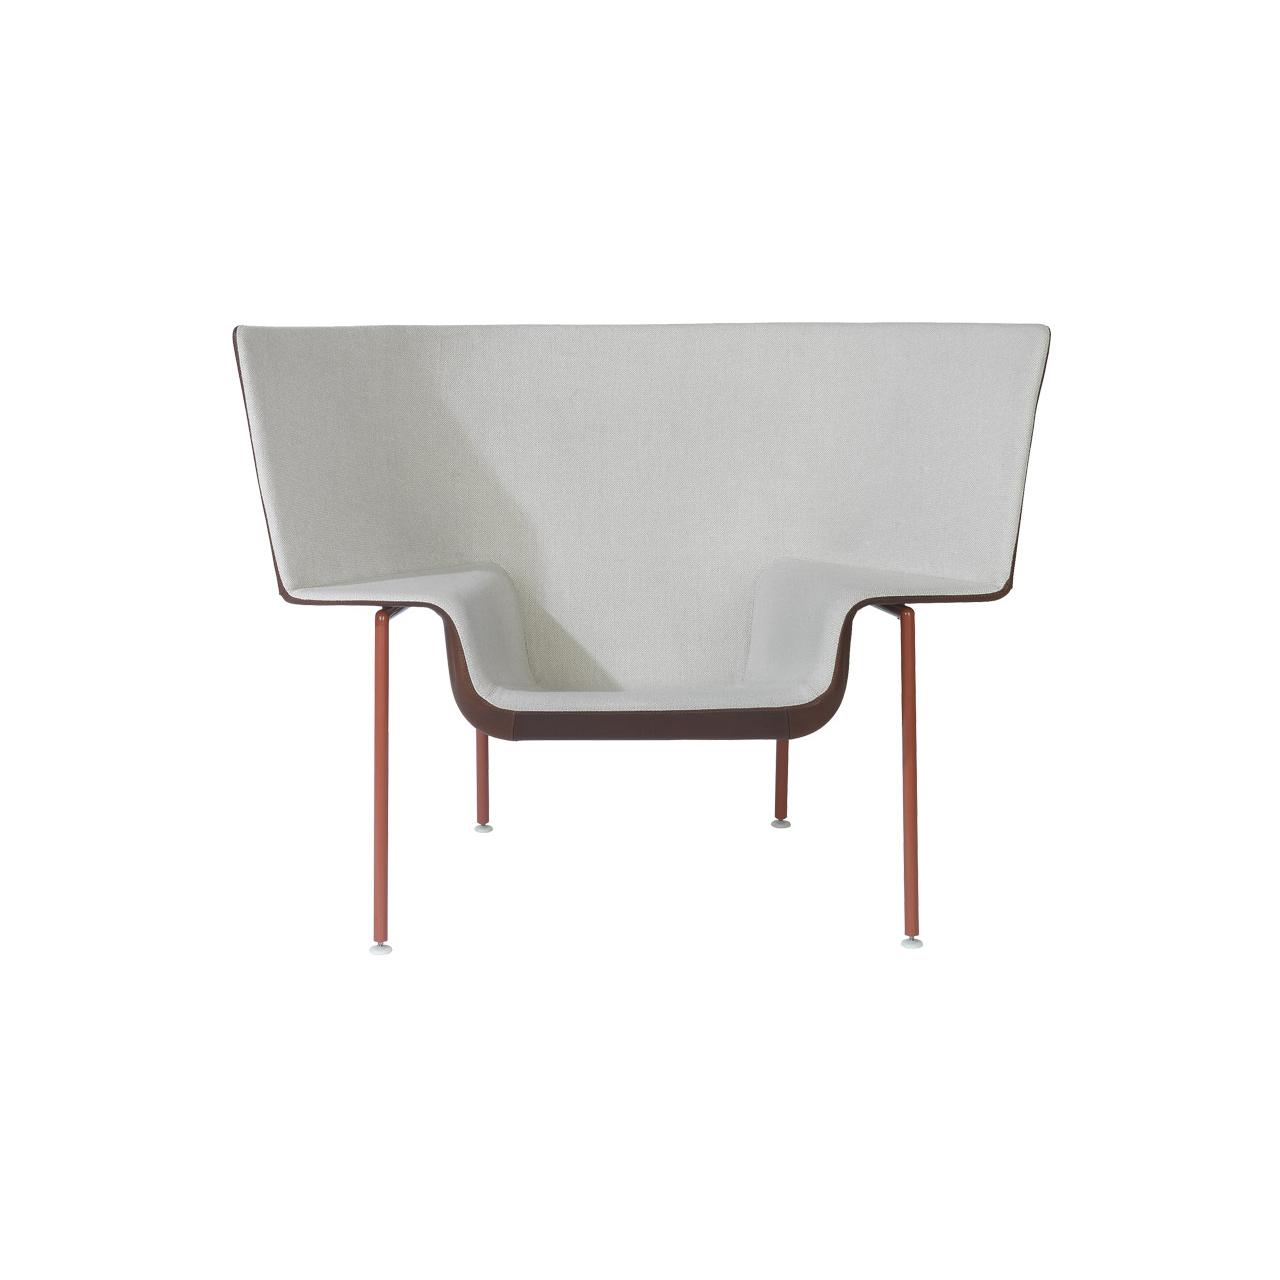 坐具|休闲椅|创意家具|现代家居|时尚家具|设计师家具|定制家具|实木家具|Capo休闲椅